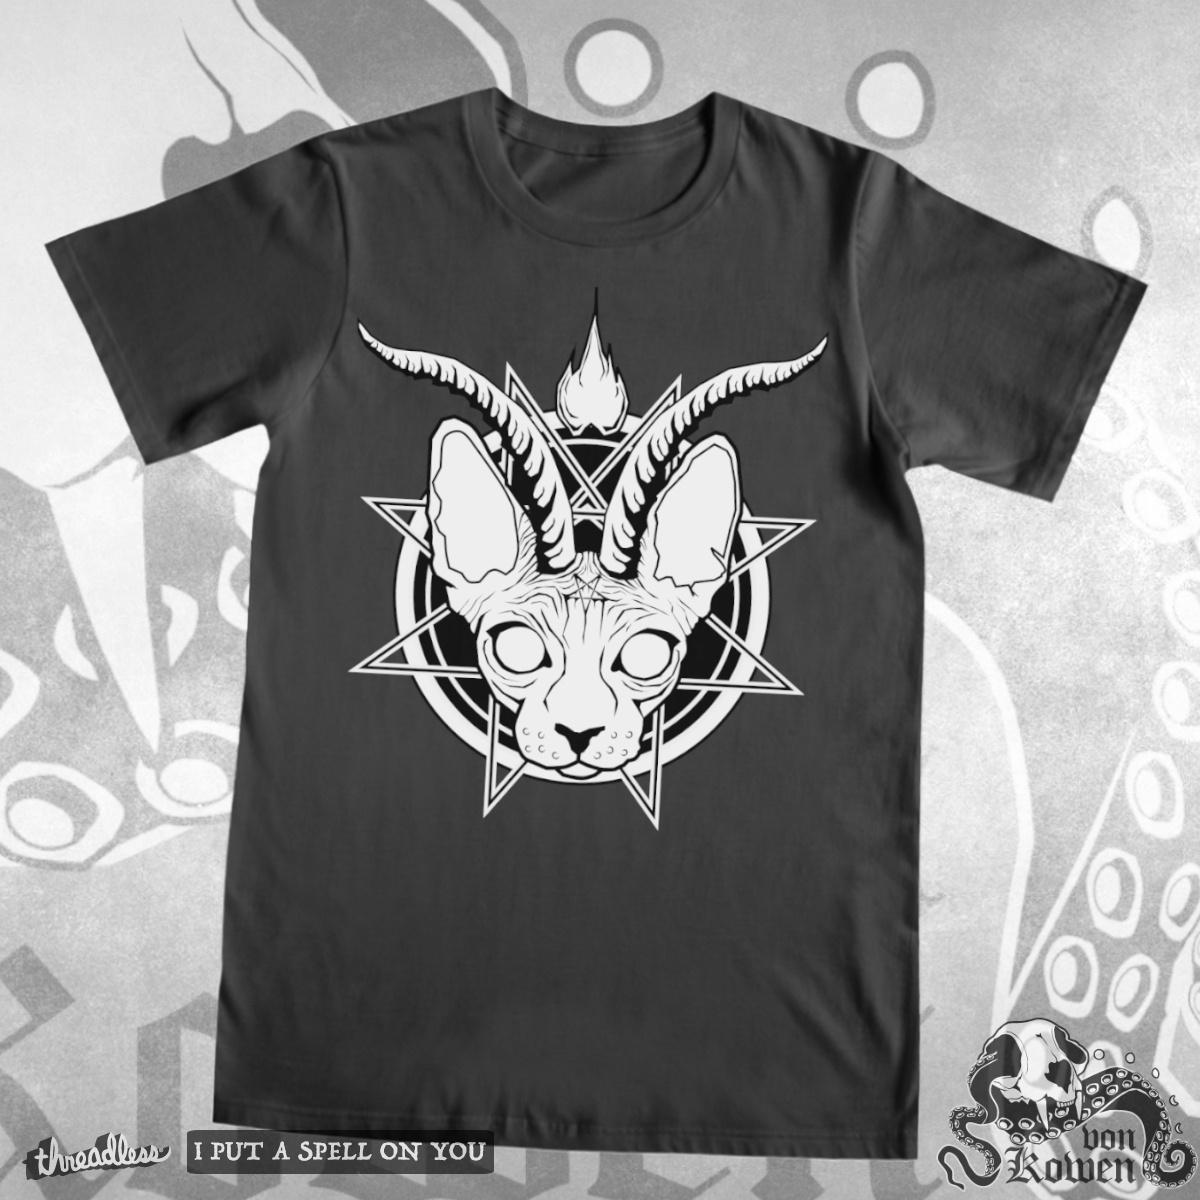 Baphocat, a cool t-shirt design